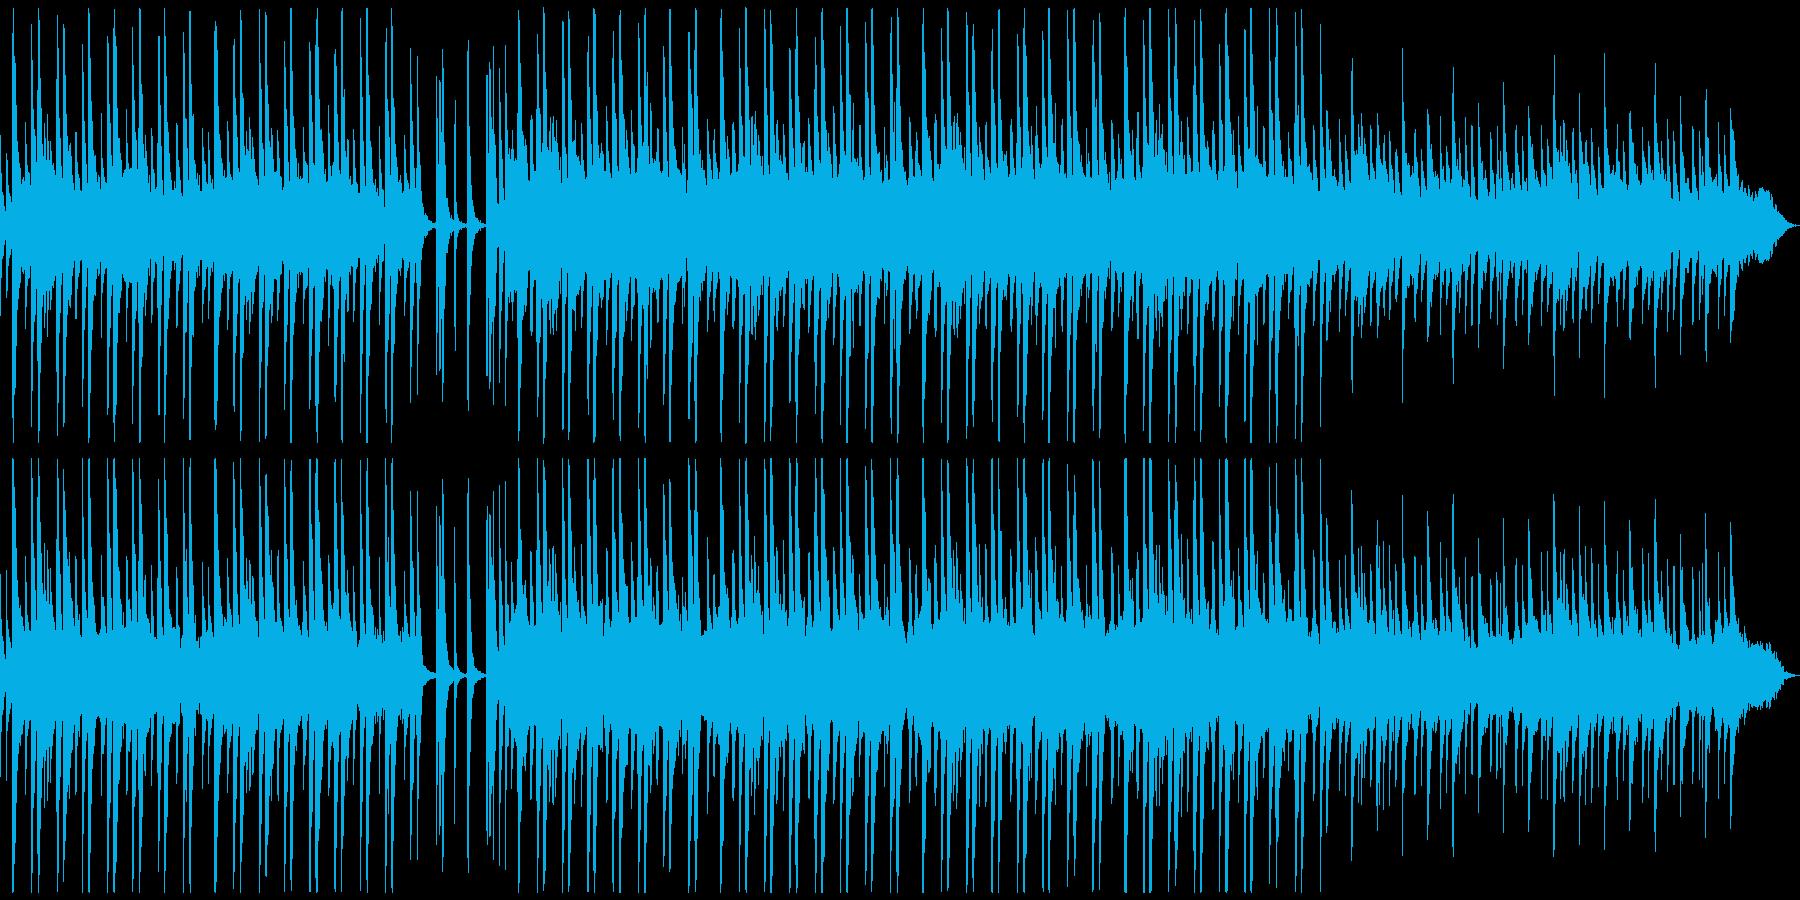 和風で琴の穏やかで風情や萌動を感じる曲の再生済みの波形